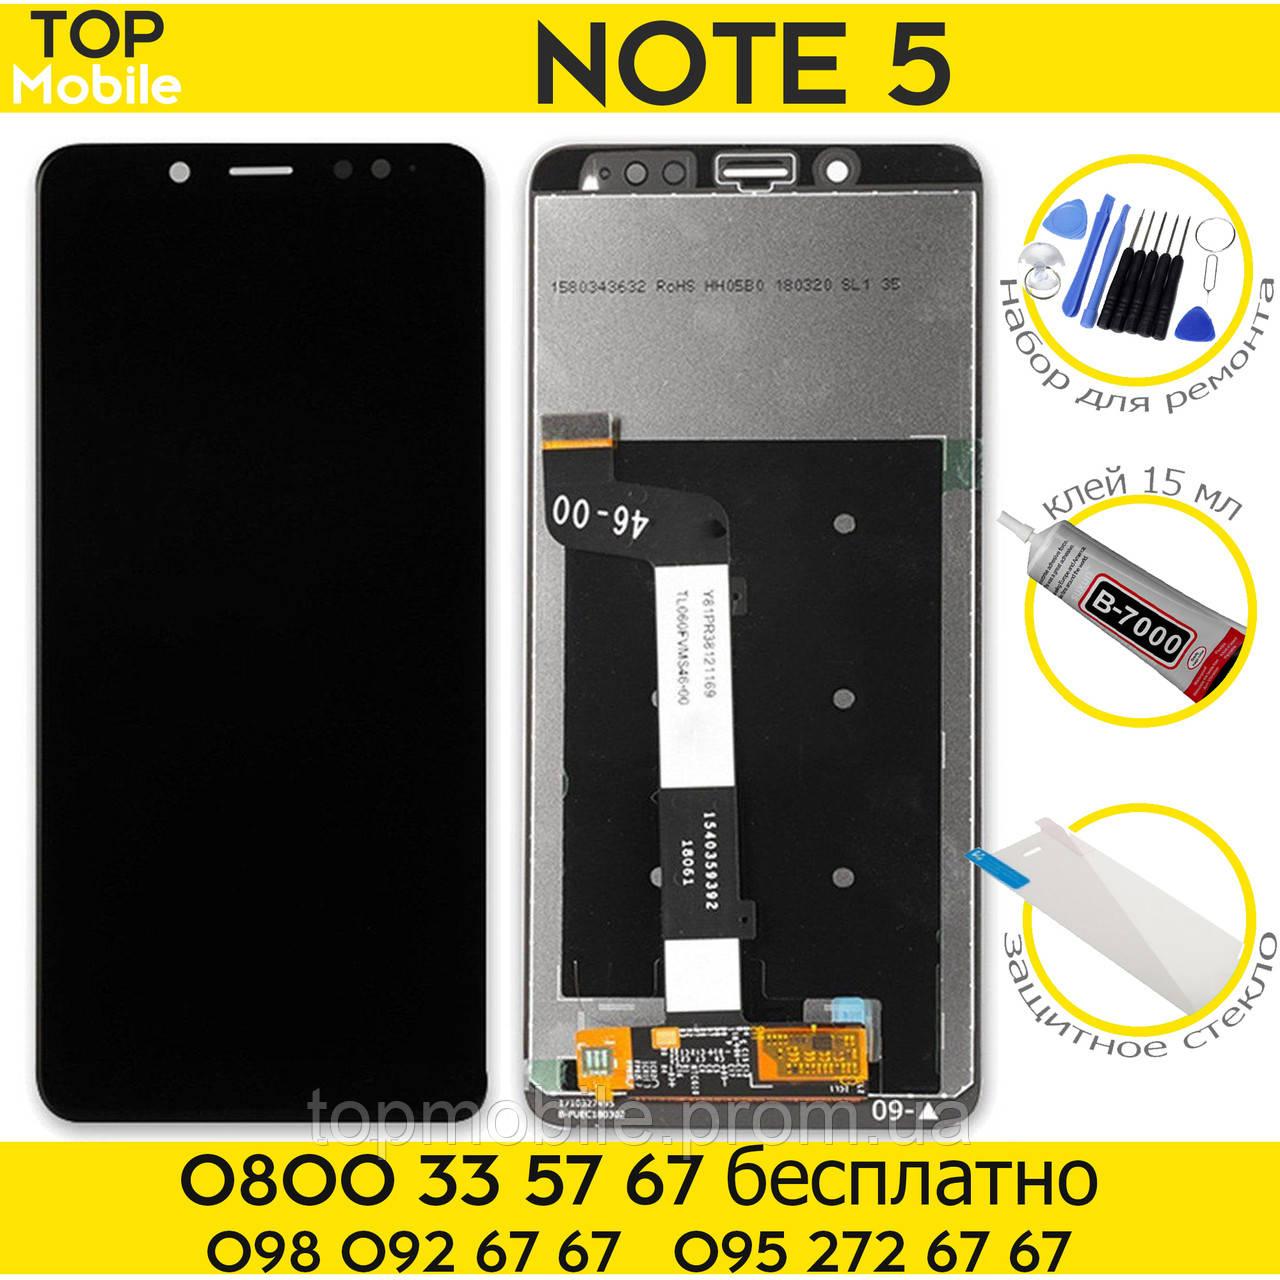 Модуль Xiaomi Redmi note 5, черный / белый (стекло, экран, дисплей) экран